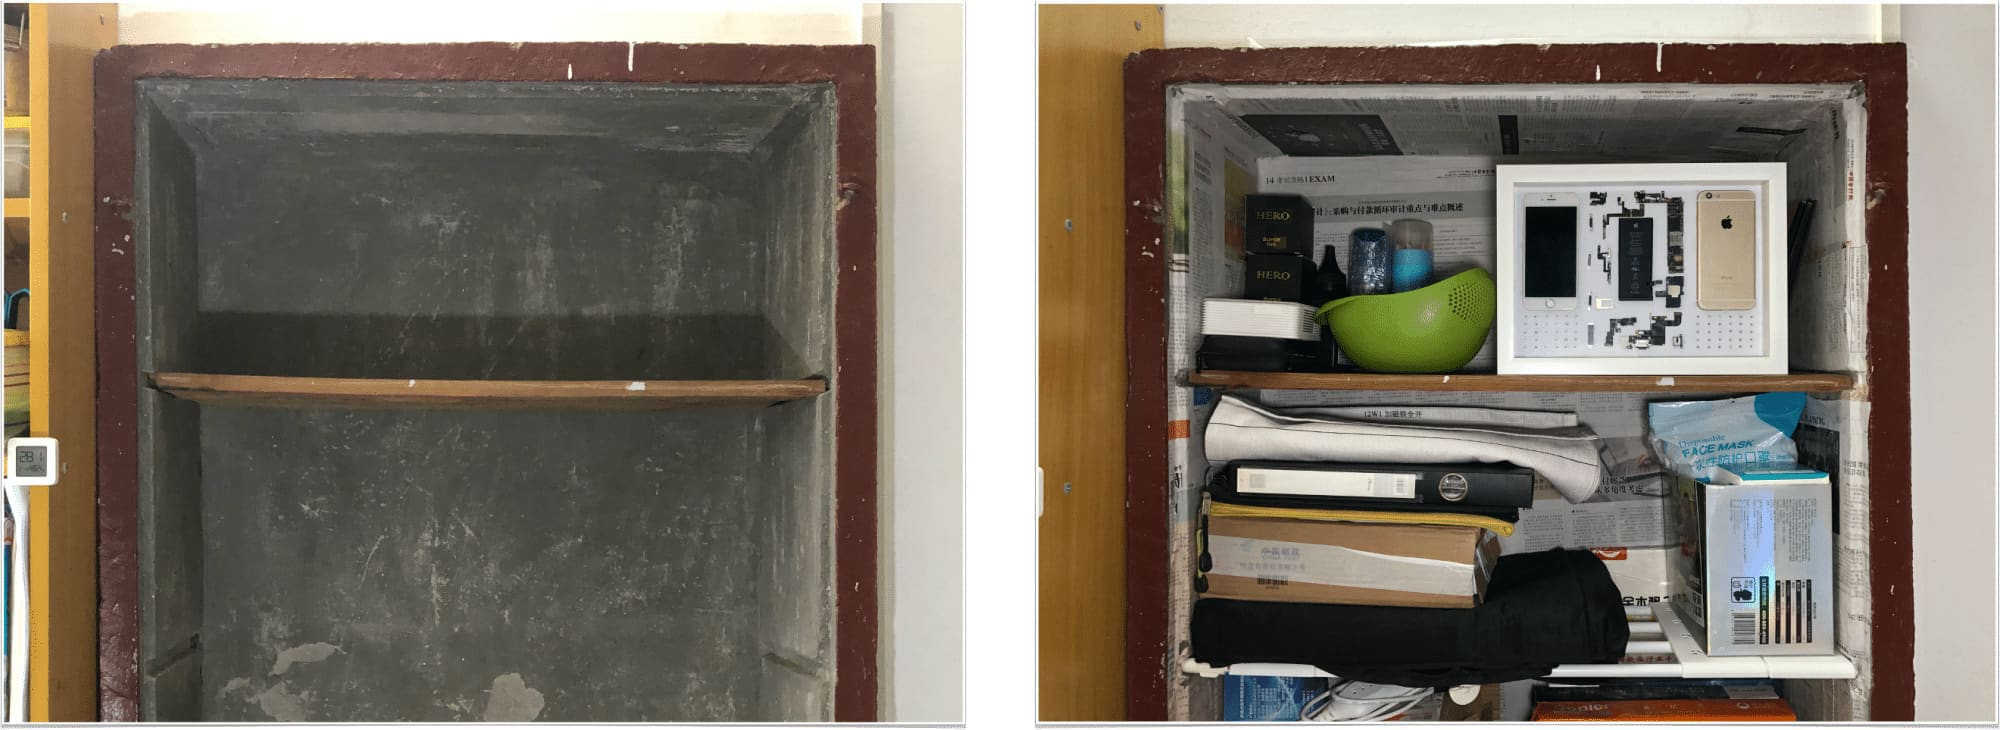 储物柜内部